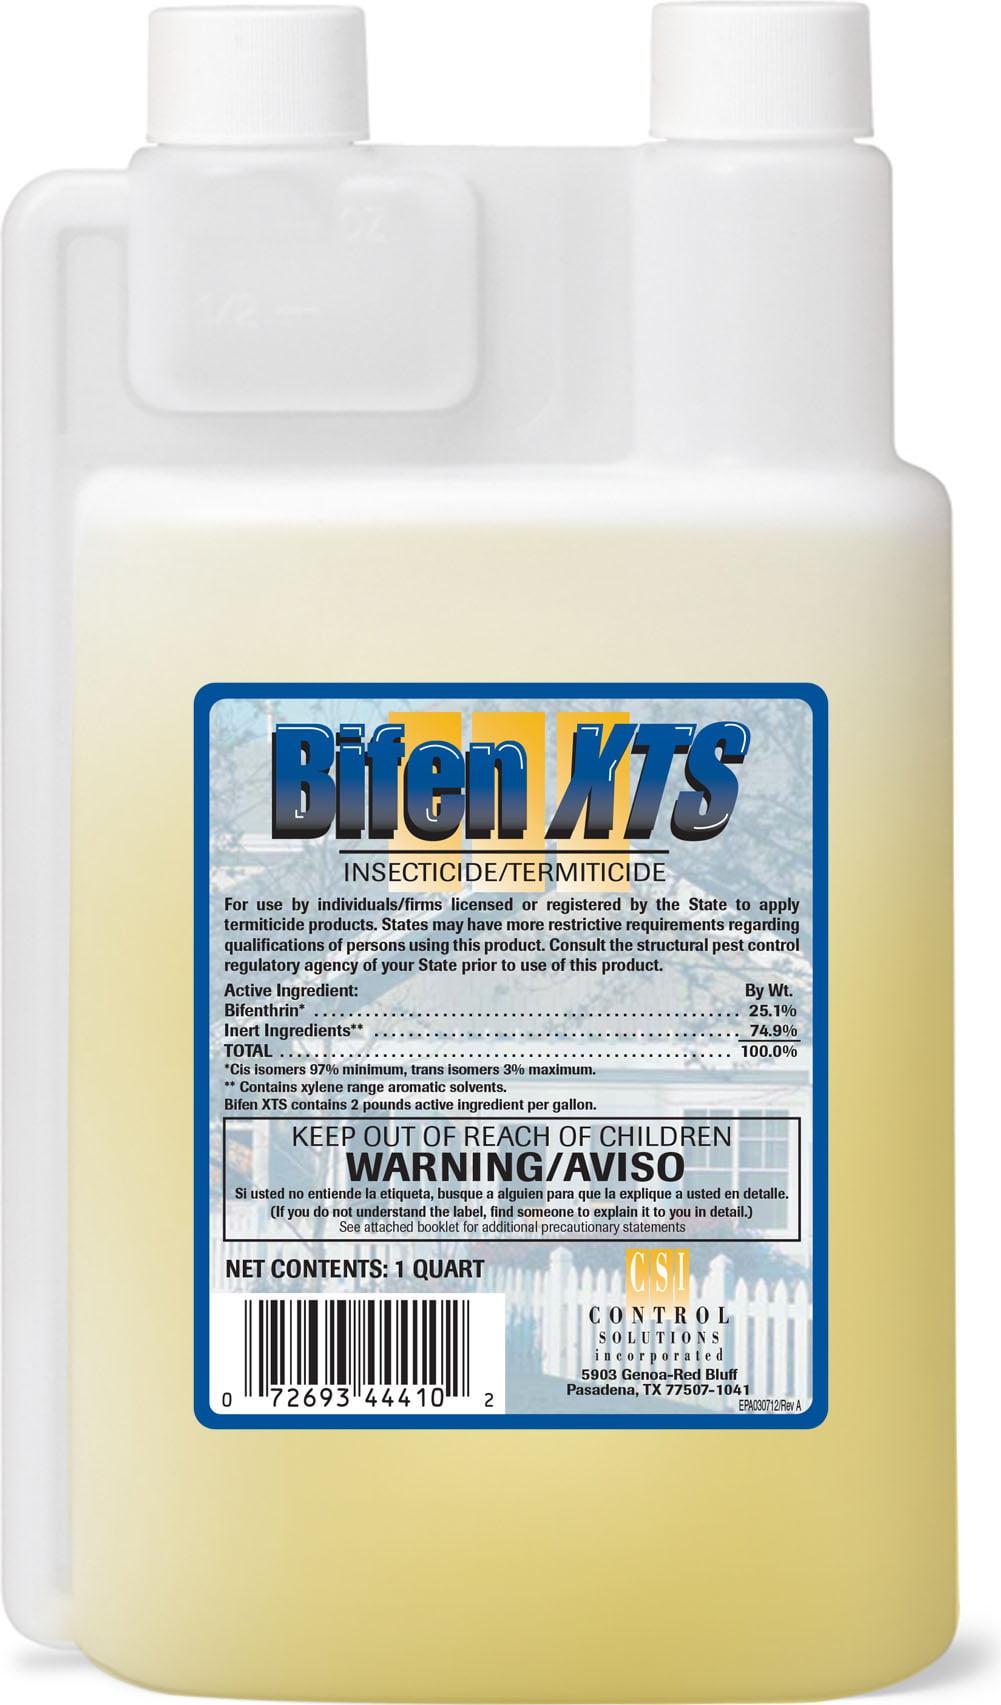 Bifen Xts Insecticide Termiticide 1 Quart 32 Oz By Control Solutions Inc Walmart Com Walmart Com